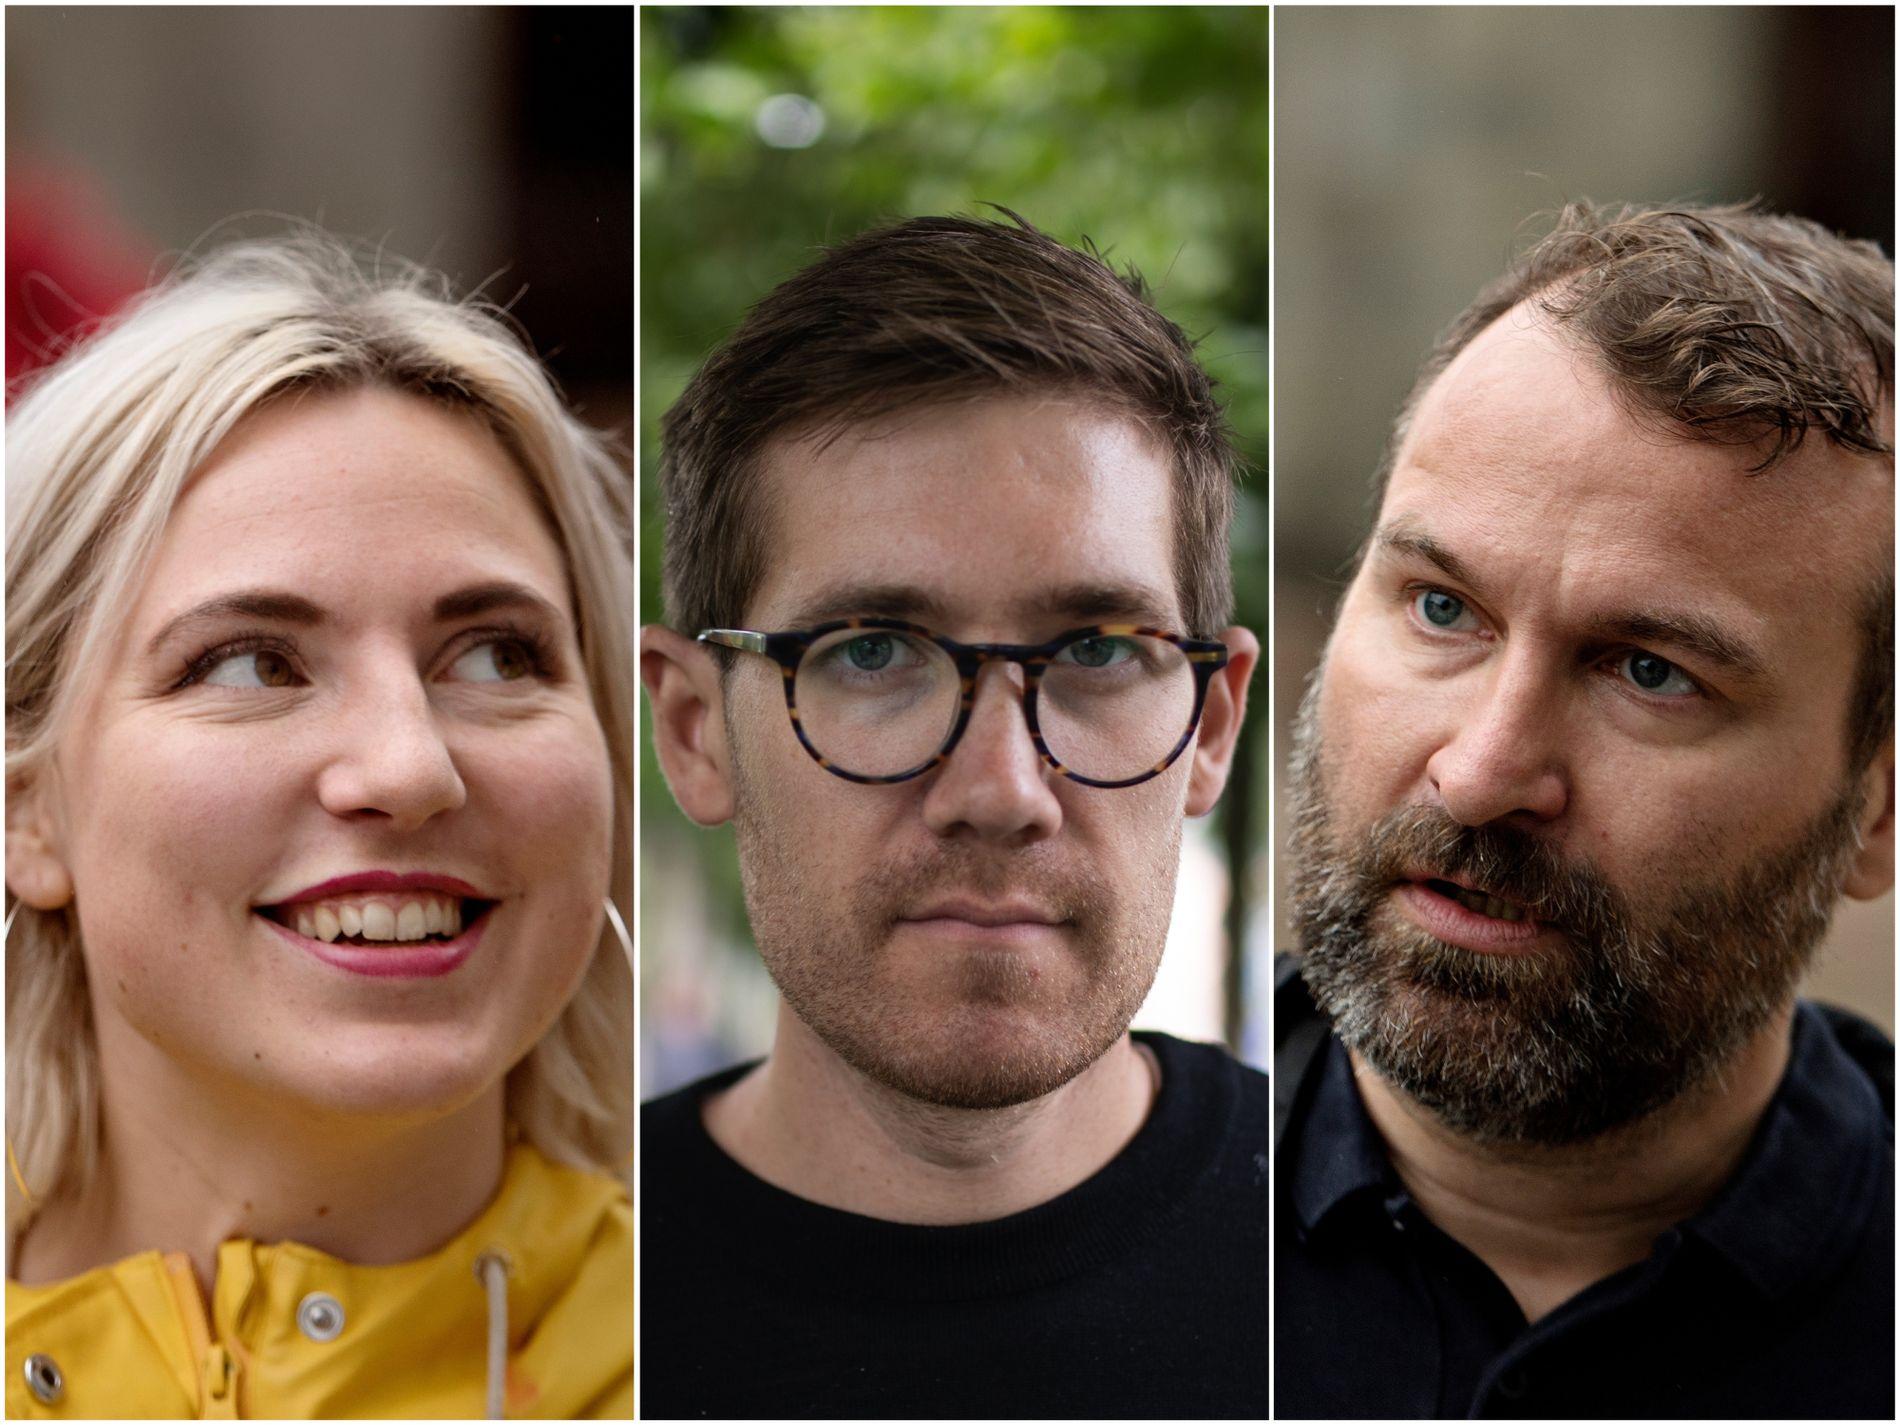 AKSJON: Sofie Marhaug (Rødt), Thor Haakon Bakke (MDG) og Mikkel Grüner (SV) markerer at de tar avstand fra en av eierne til forsamlingslokalet Forum.